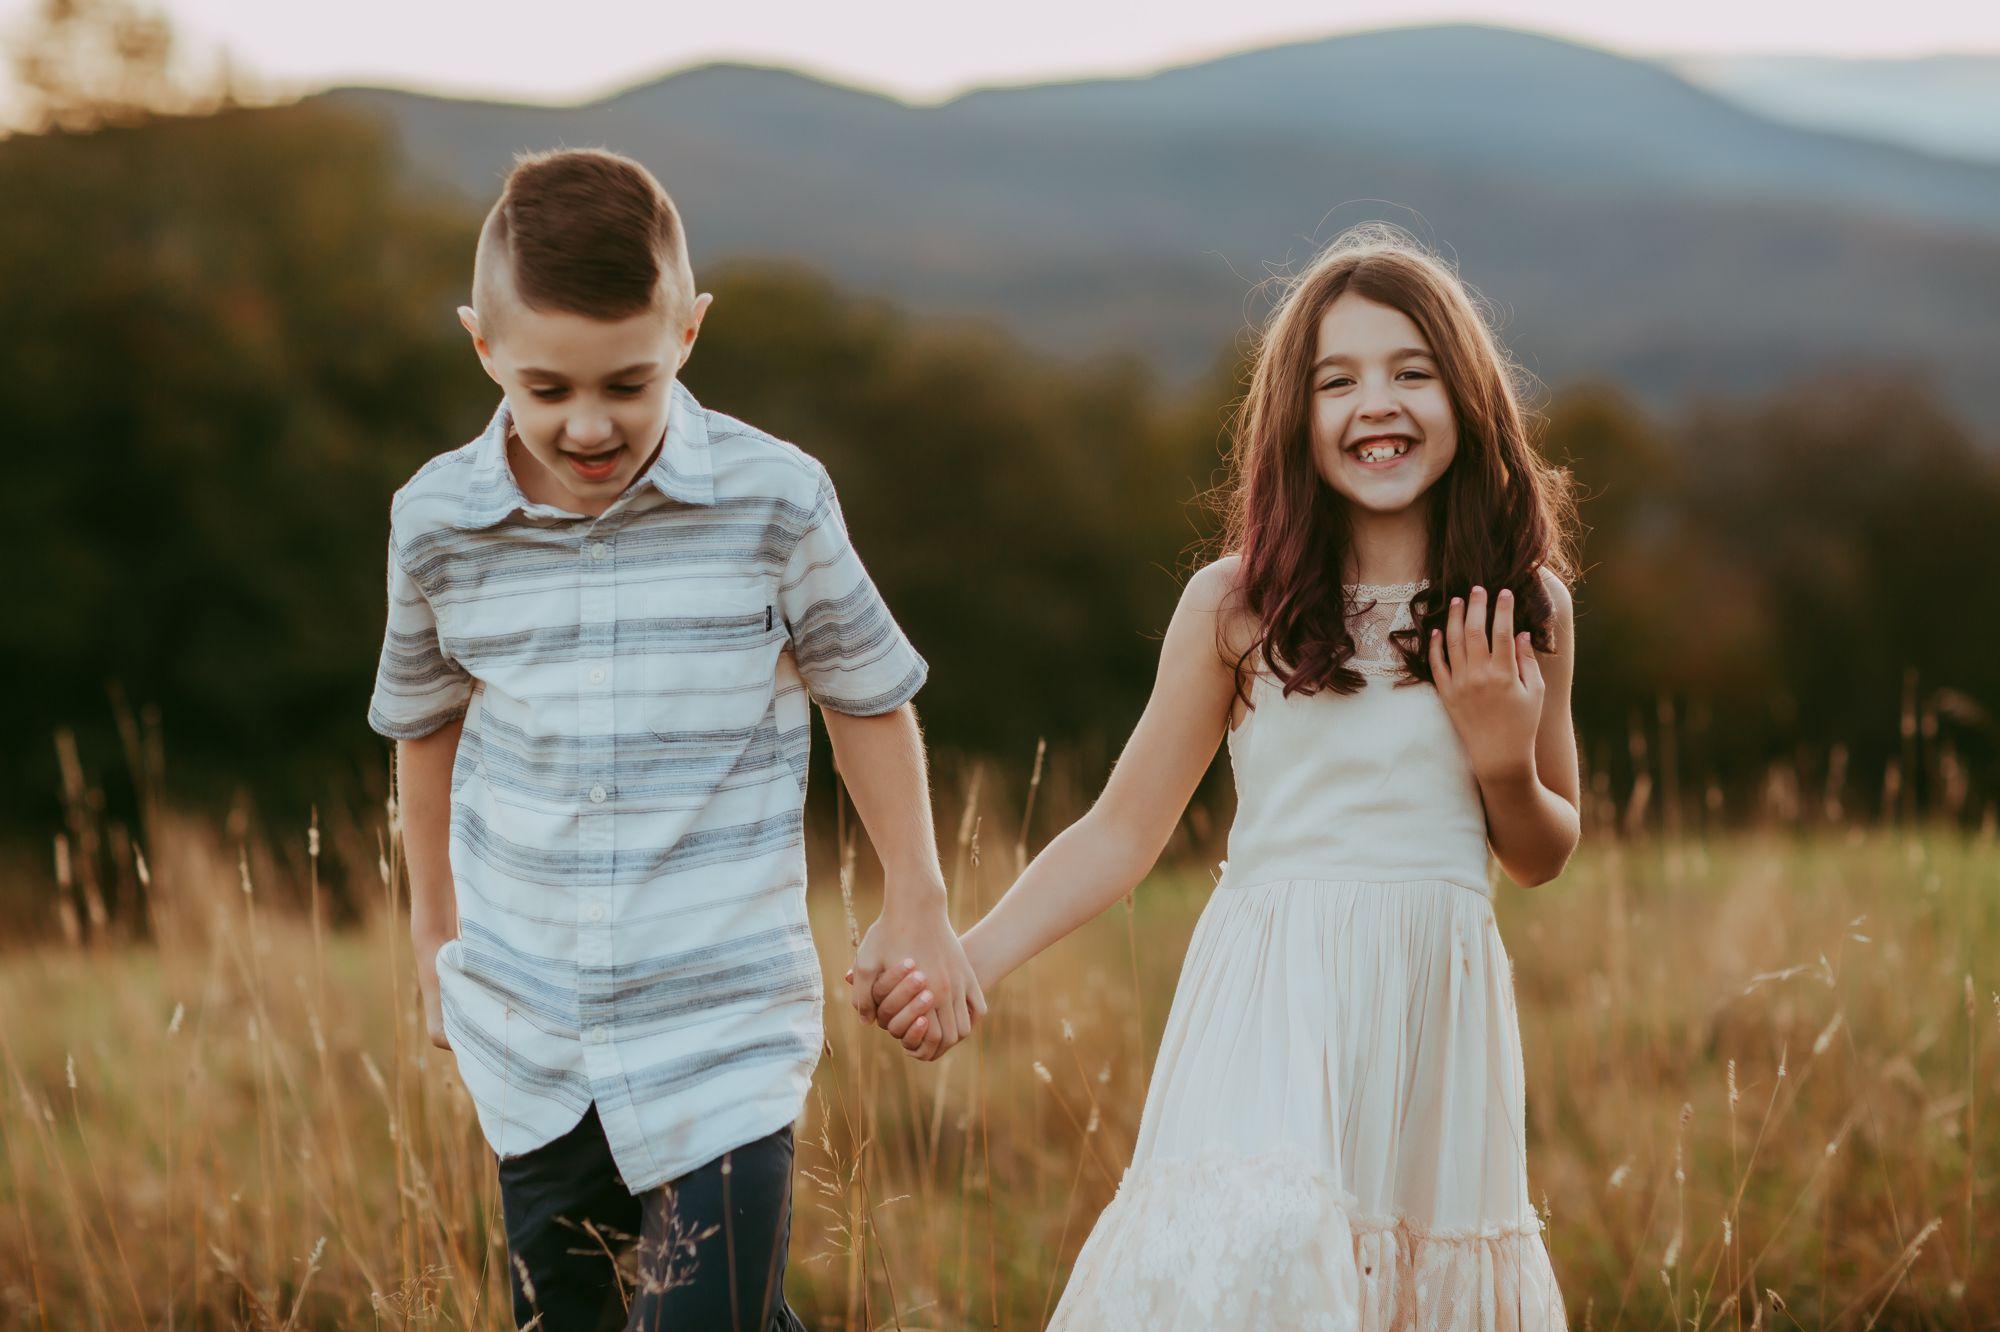 Kids walking field Trapp Lodge